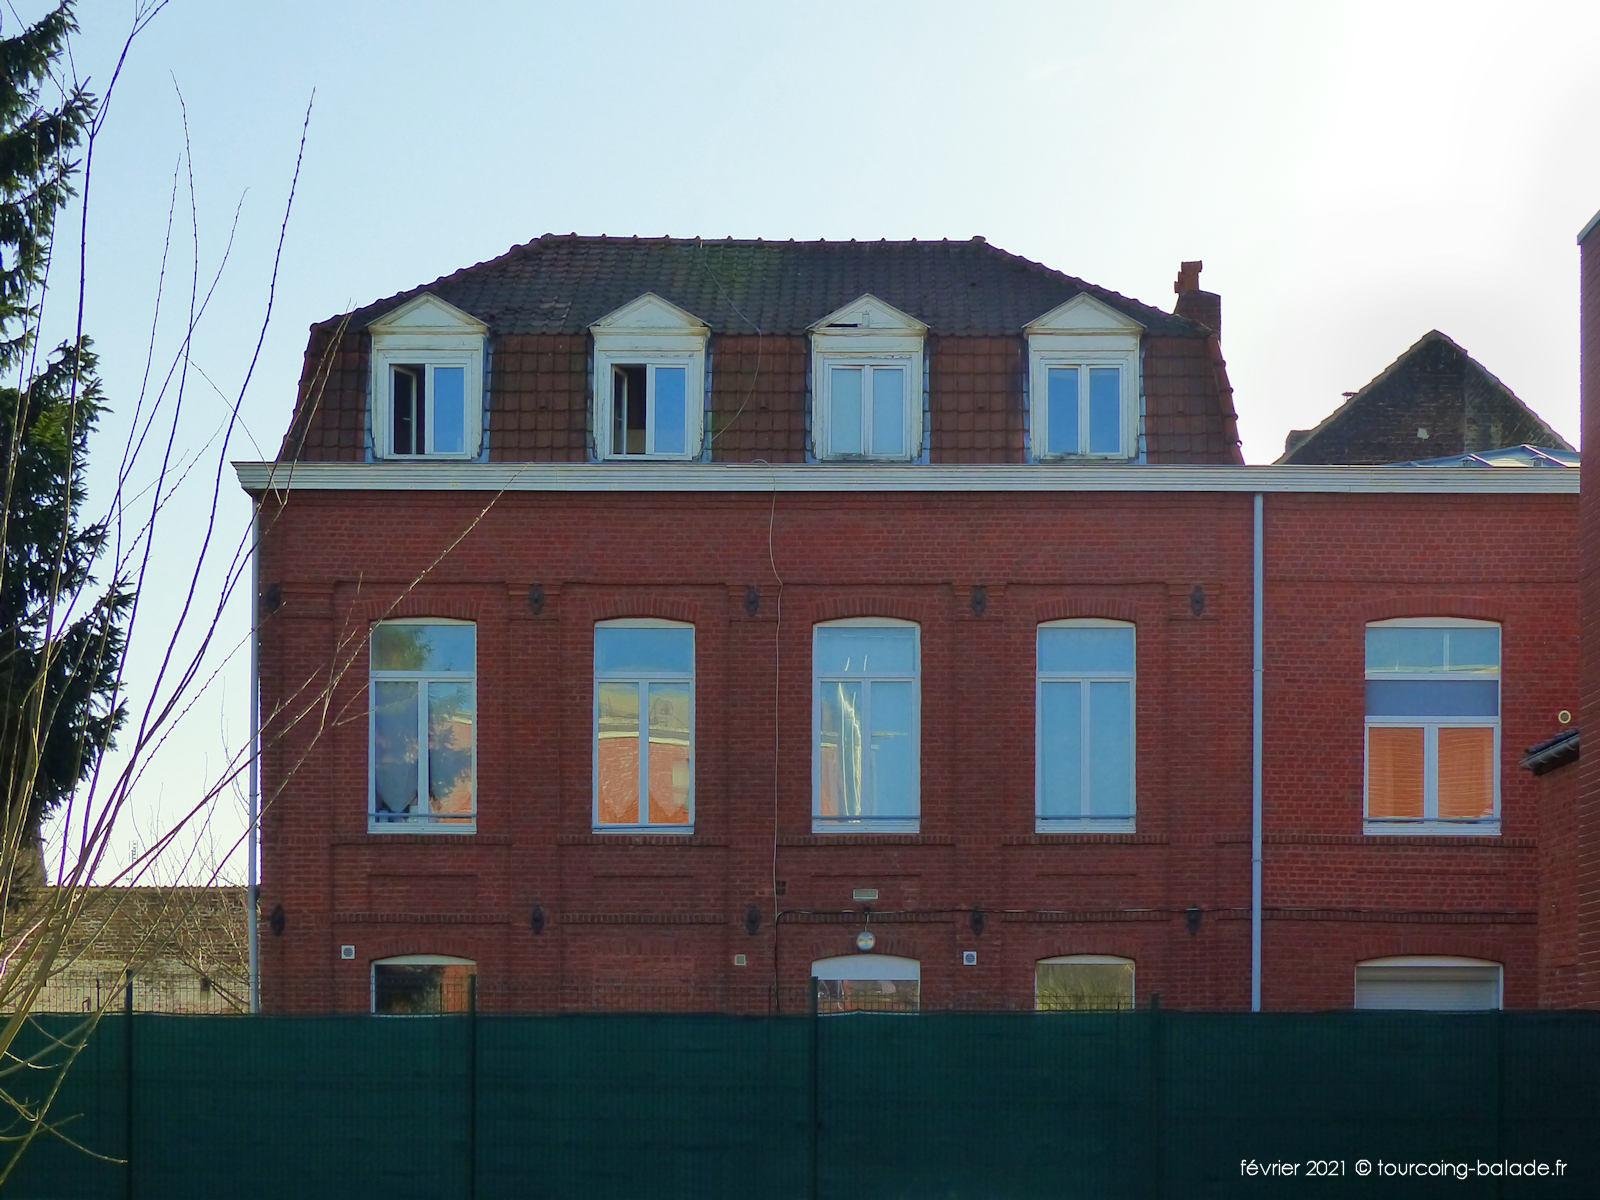 Tourcoing Patrimoine Industriel, Guethem 2021